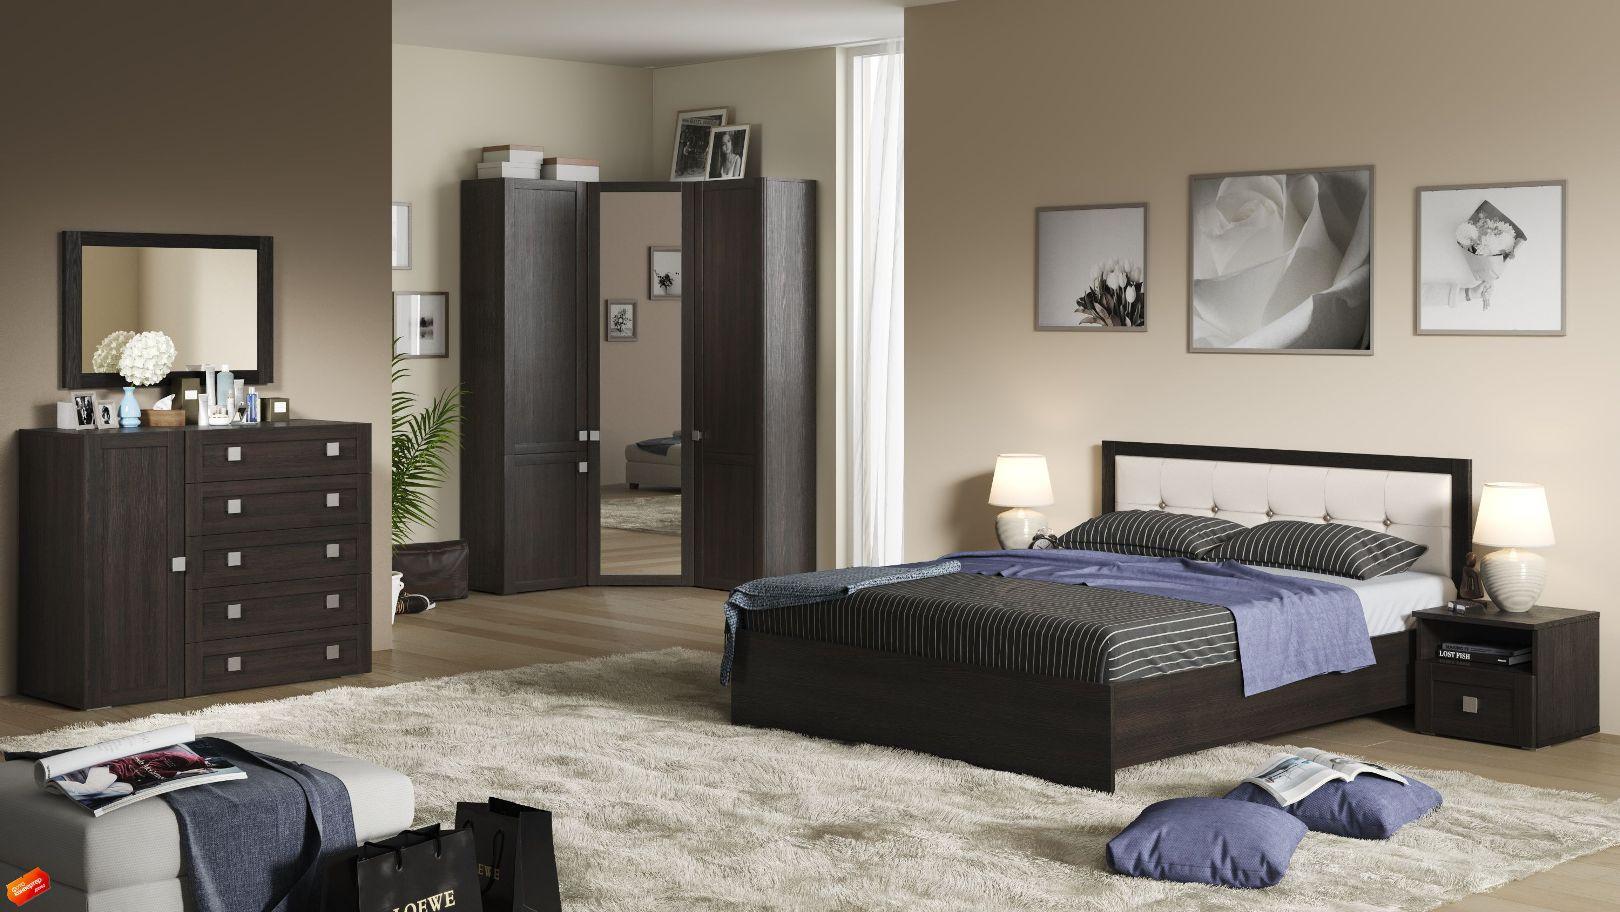 Модульная спальня Корсика Композиция-3 капитан детская и взрослая модульная мебель мдф